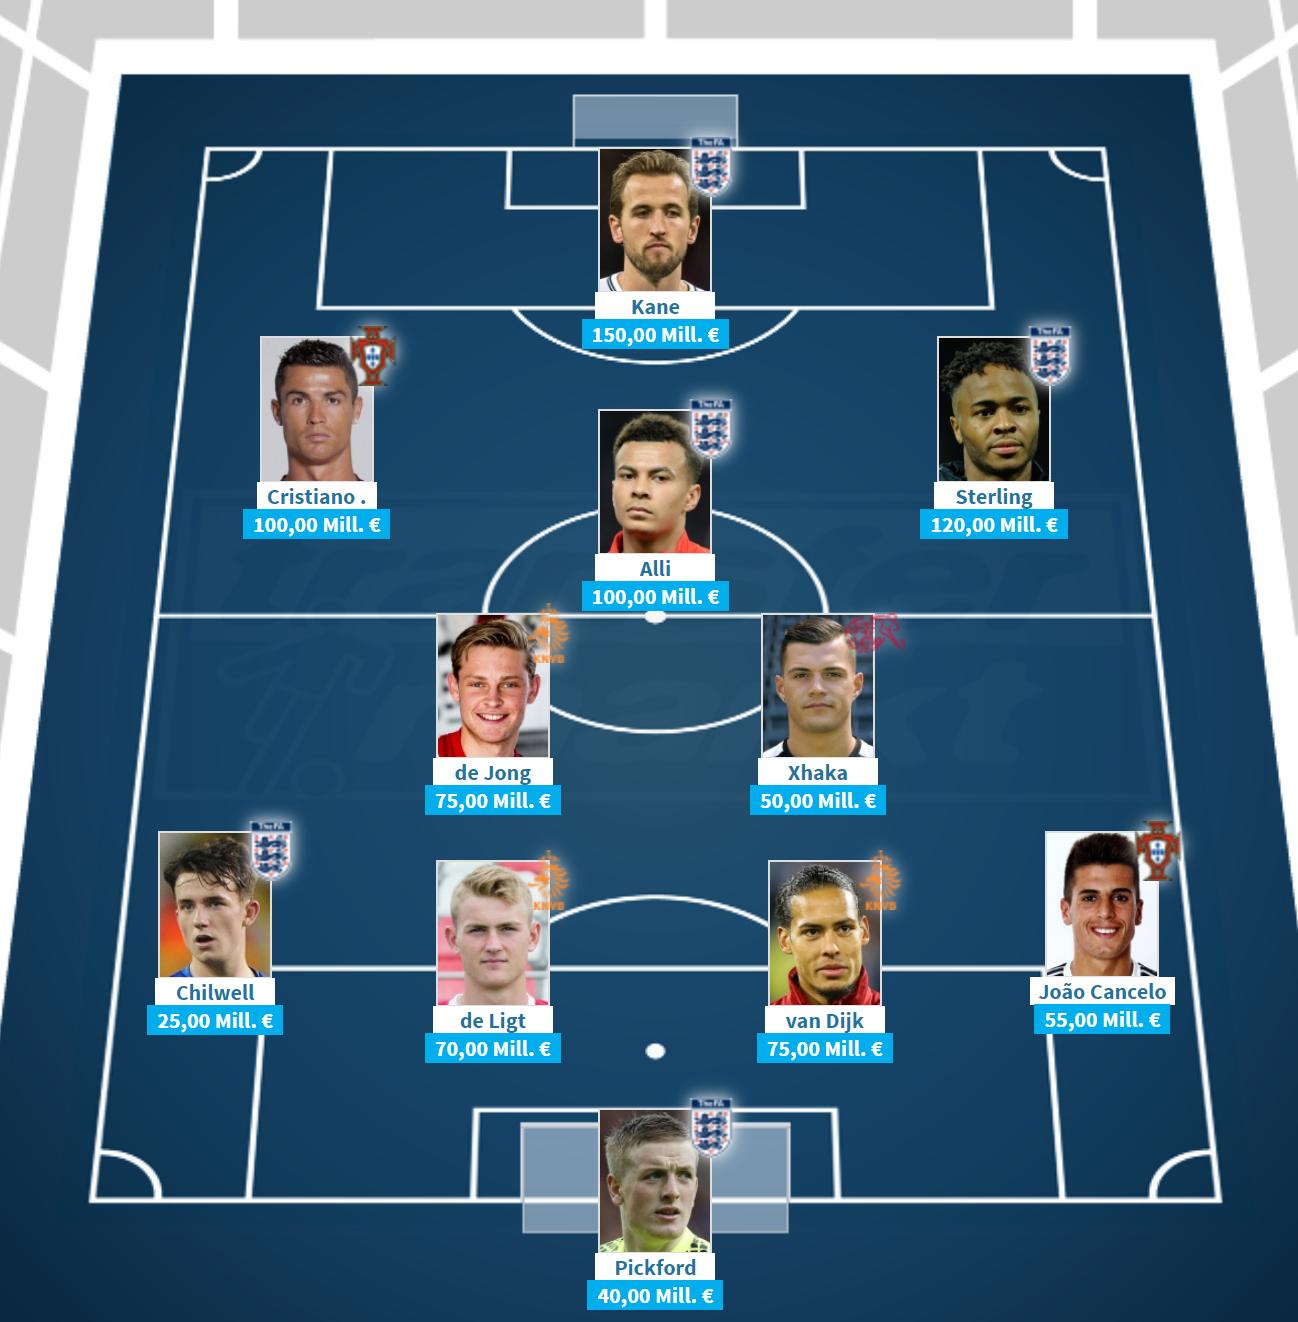 欧国联决赛阶段最贵阵容:英格兰5人。荷兰3人。C罗在。列